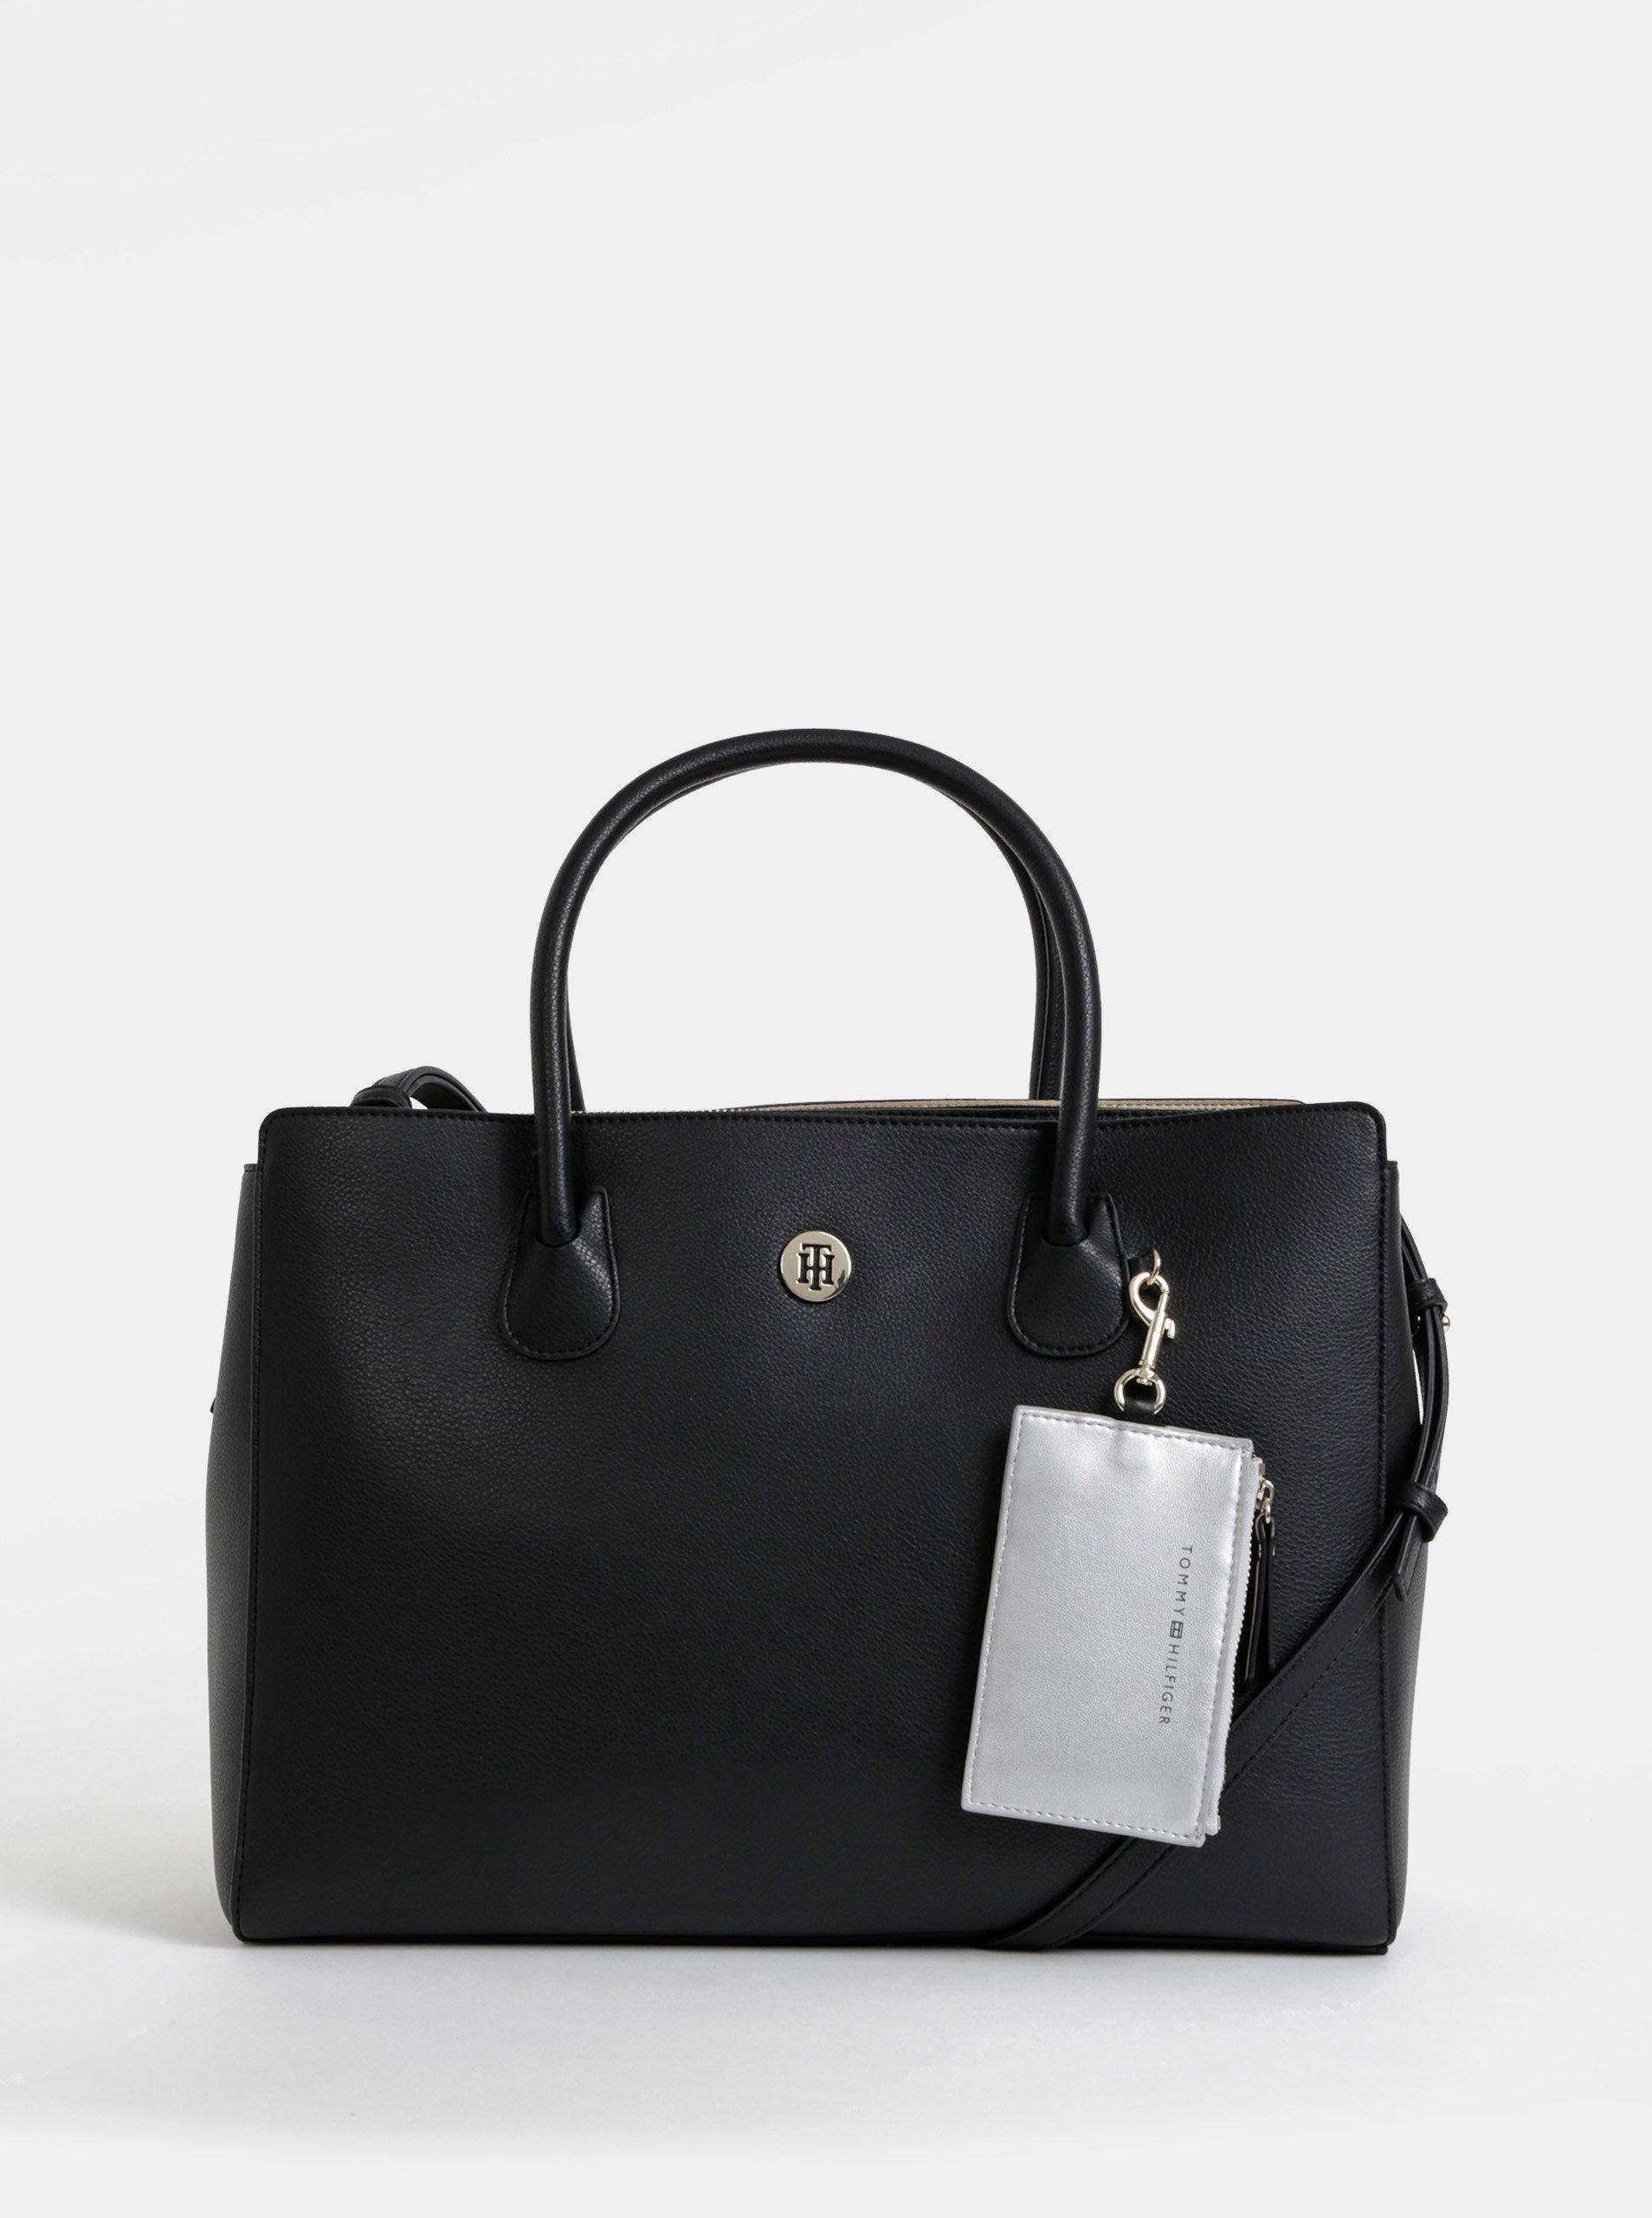 Černá kabelka s pouzdrem na notebook a peněženkou 3v1 Tommy Hilfiger Charming